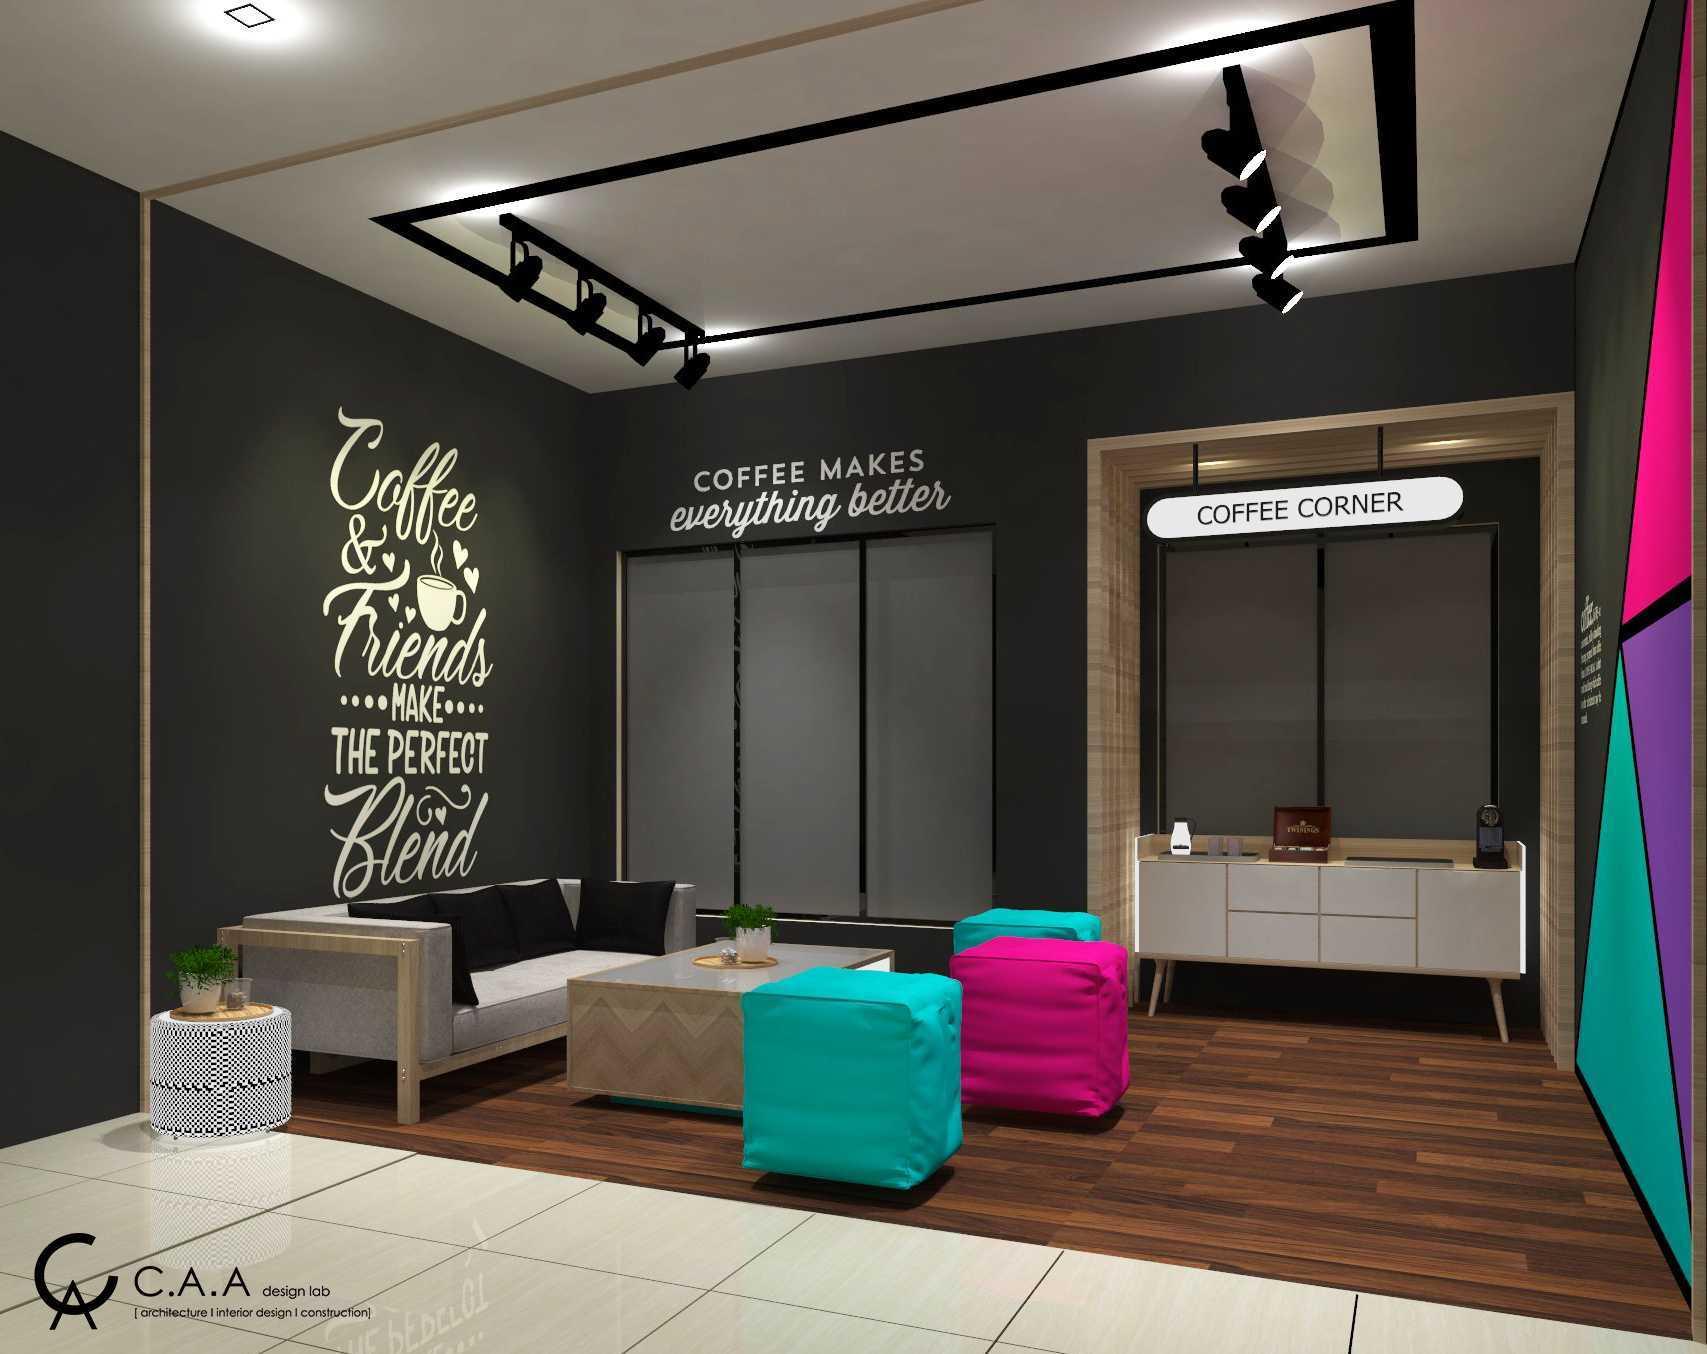 Ada Design Studio Emc Office Ruko C-D, Jl. Tanjung Duren Utara Iiie, Rt.7/rw.3, Tj. Duren Utara, Grogol Petamburan, Dki Jakarta, Daerah Khusus Ibukota Jakarta 11470, Indonesia Ruko C-D, Jl. Tanjung Duren Utara Iiie, Rt.7/rw.3, Tj. Duren Utara, Grogol Petamburan, Dki Jakarta, Daerah Khusus Ibukota Jakarta 11470, Indonesia Ada-Design-Group-Emc-Office  67438